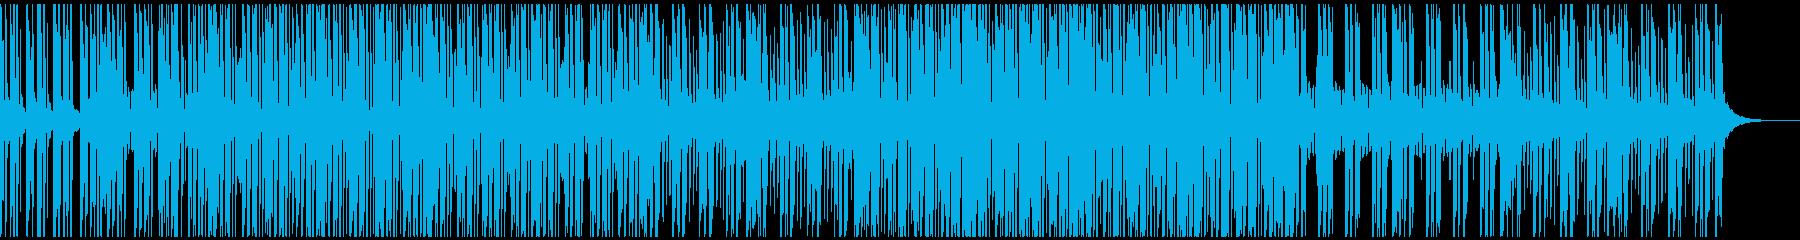 お洒落で楽し気な雰囲気のBGMの再生済みの波形